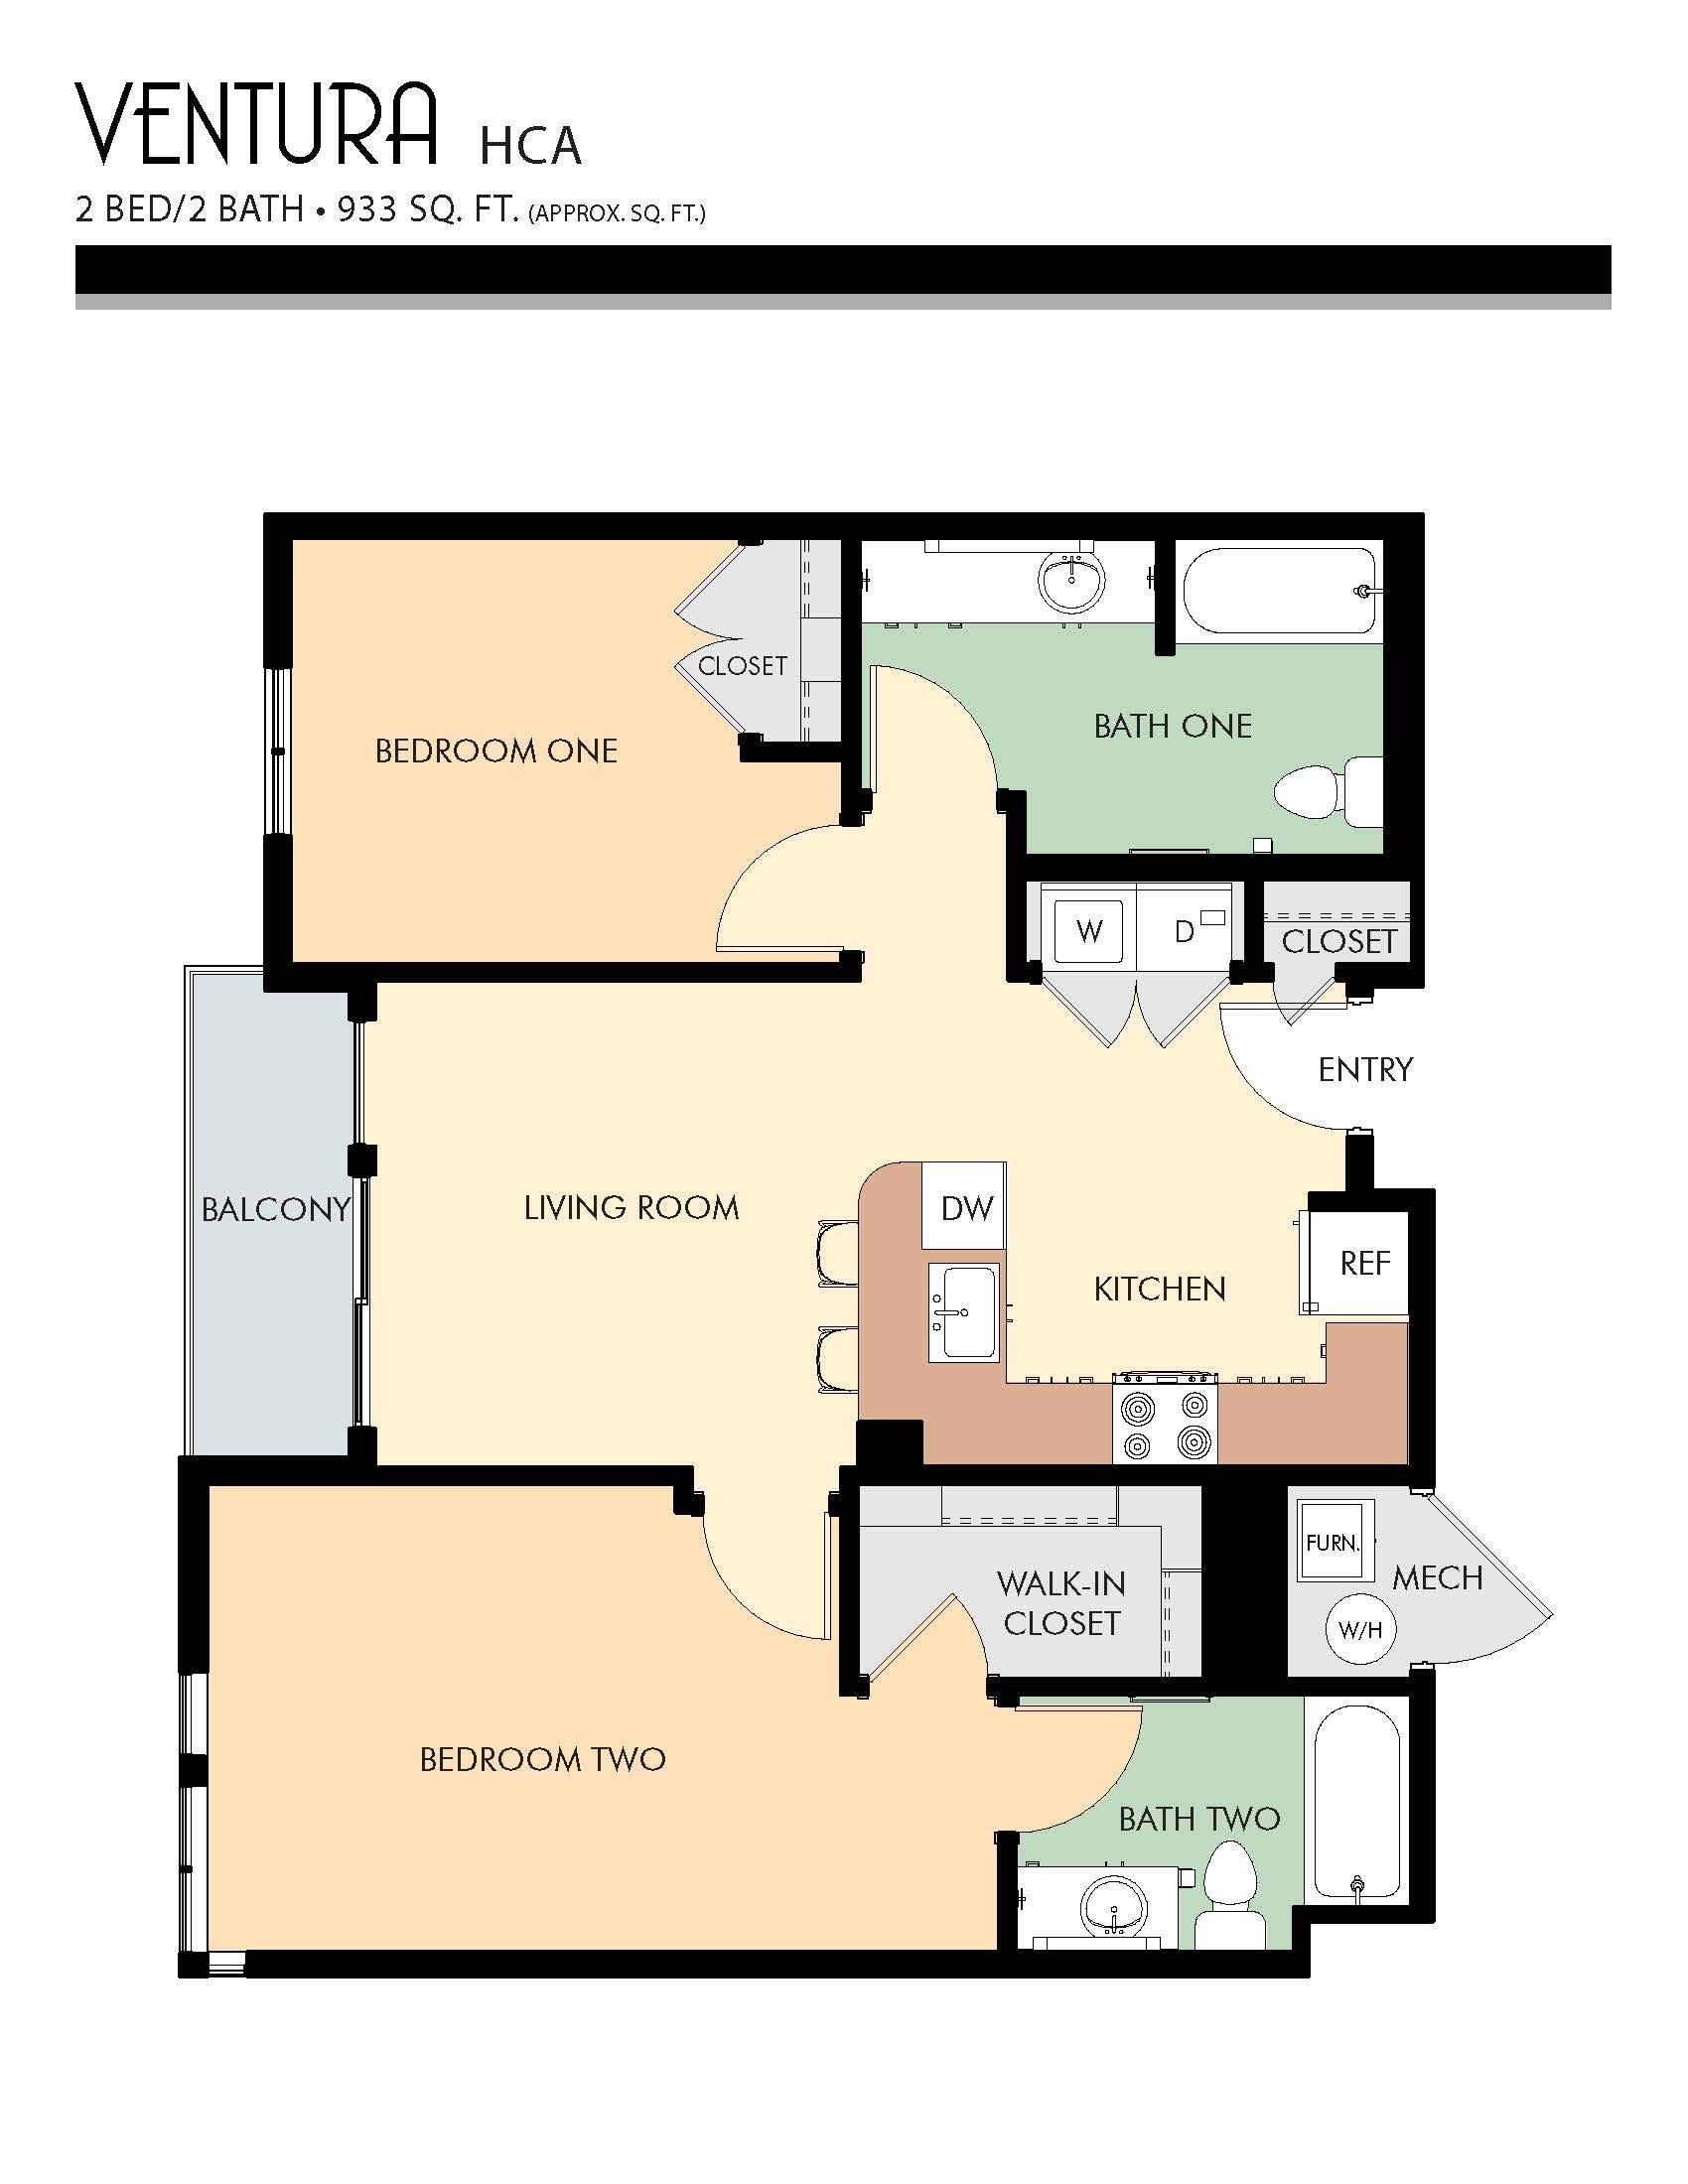 Ventura HCA floor plans - 2 Bed / 2 Bath (933 Sq Ft)